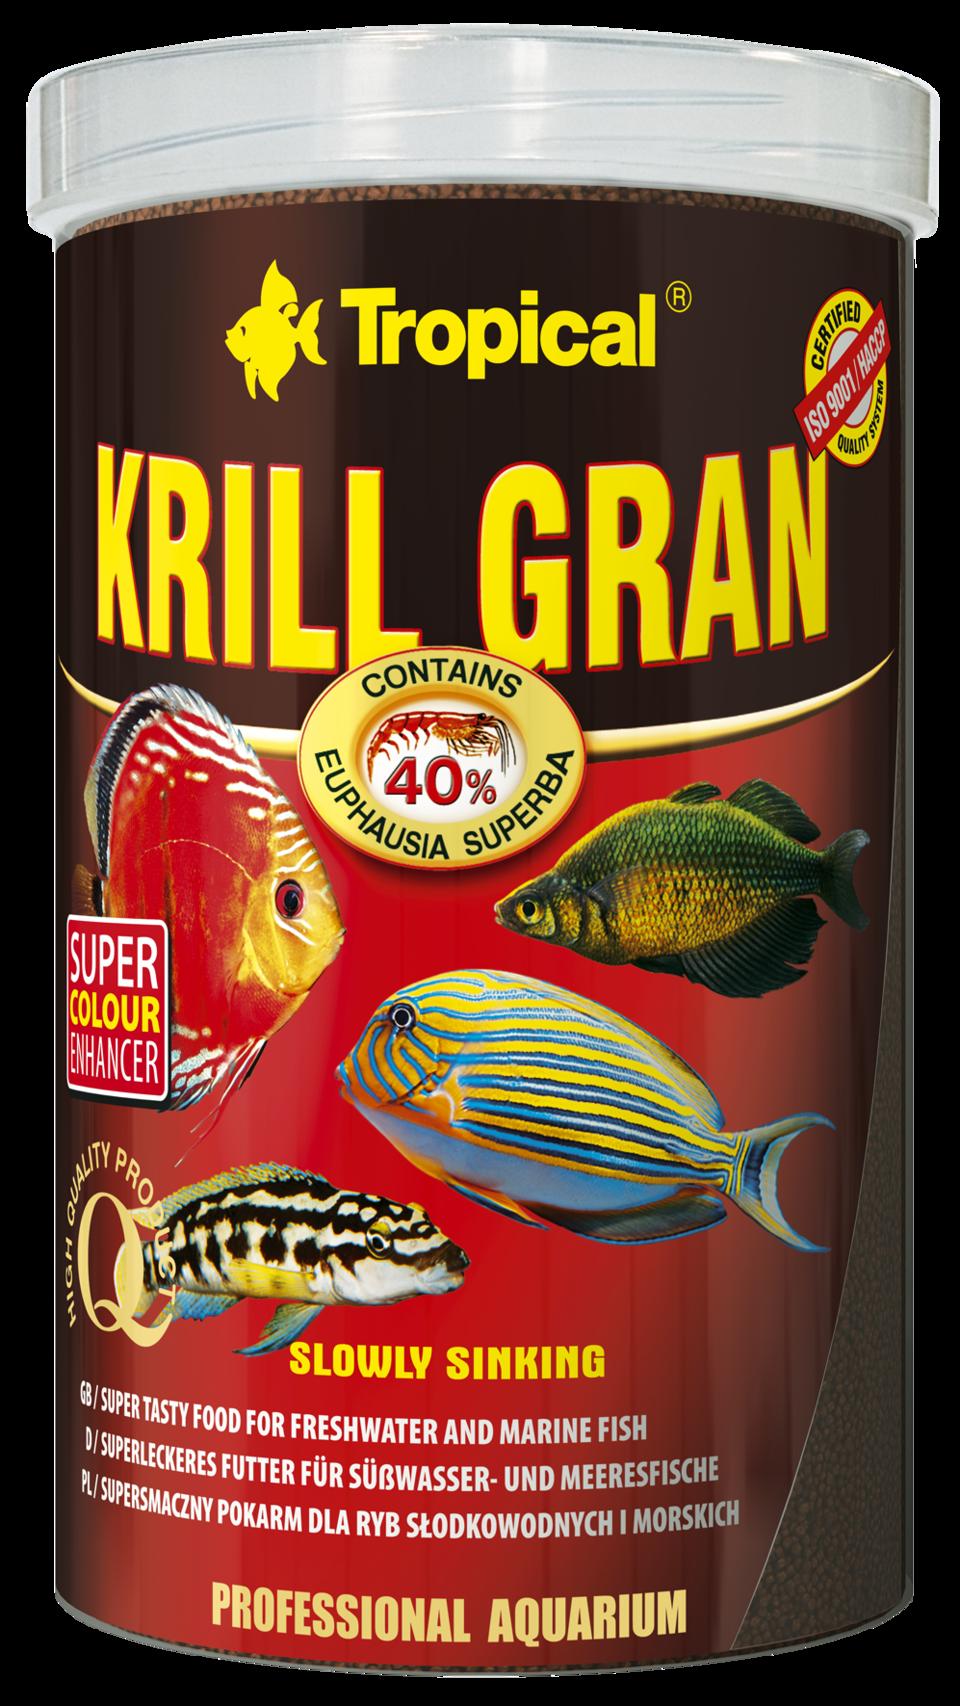 csm_krill-gran_1000_9d39b0ea03